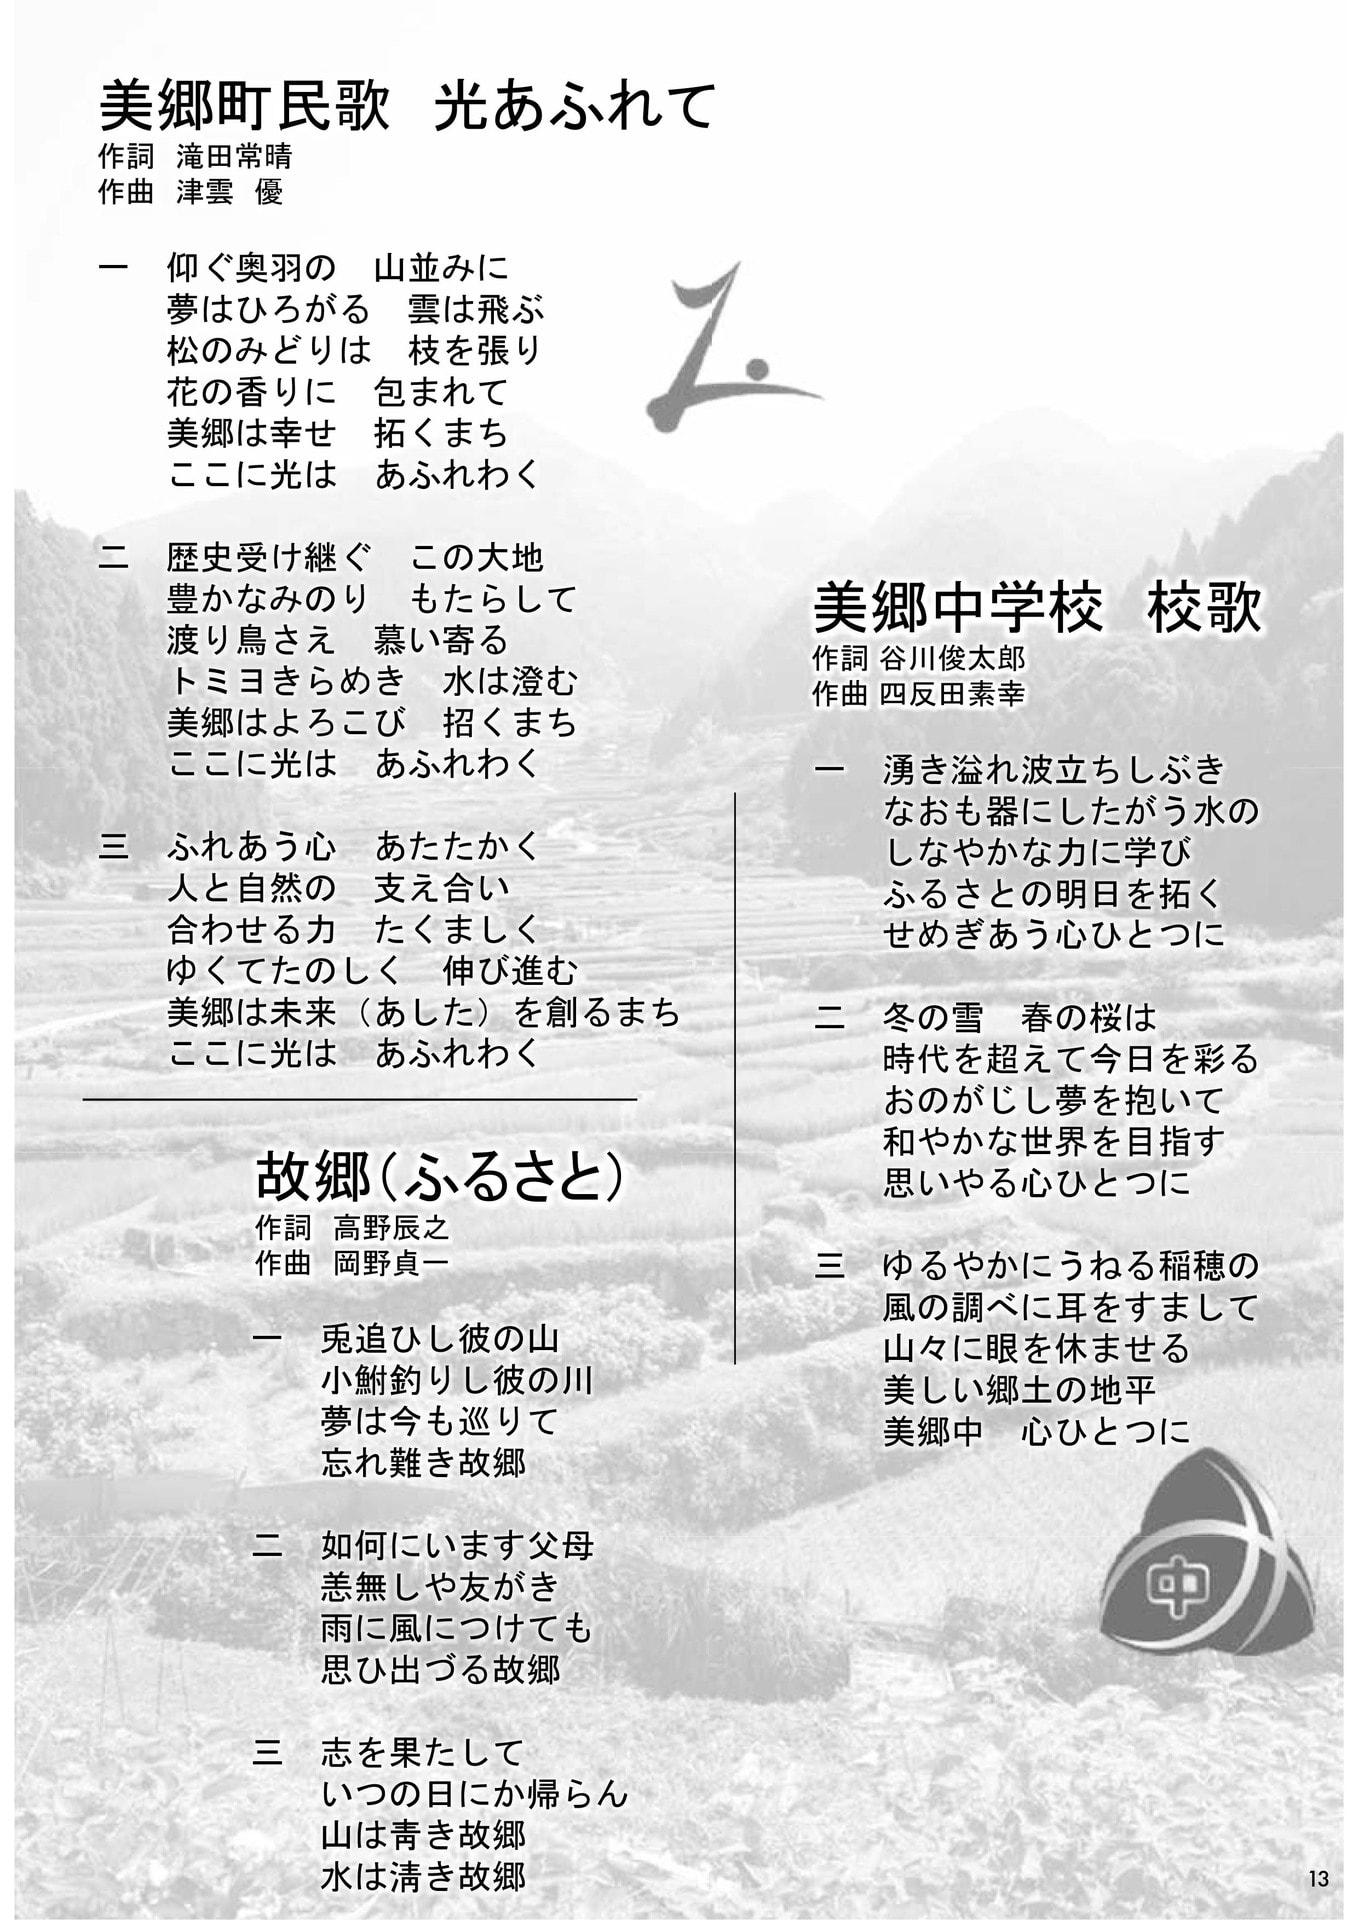 第1回秋田・美郷町ふるさと会パンフレット(美郷町民歌 光あふれて)